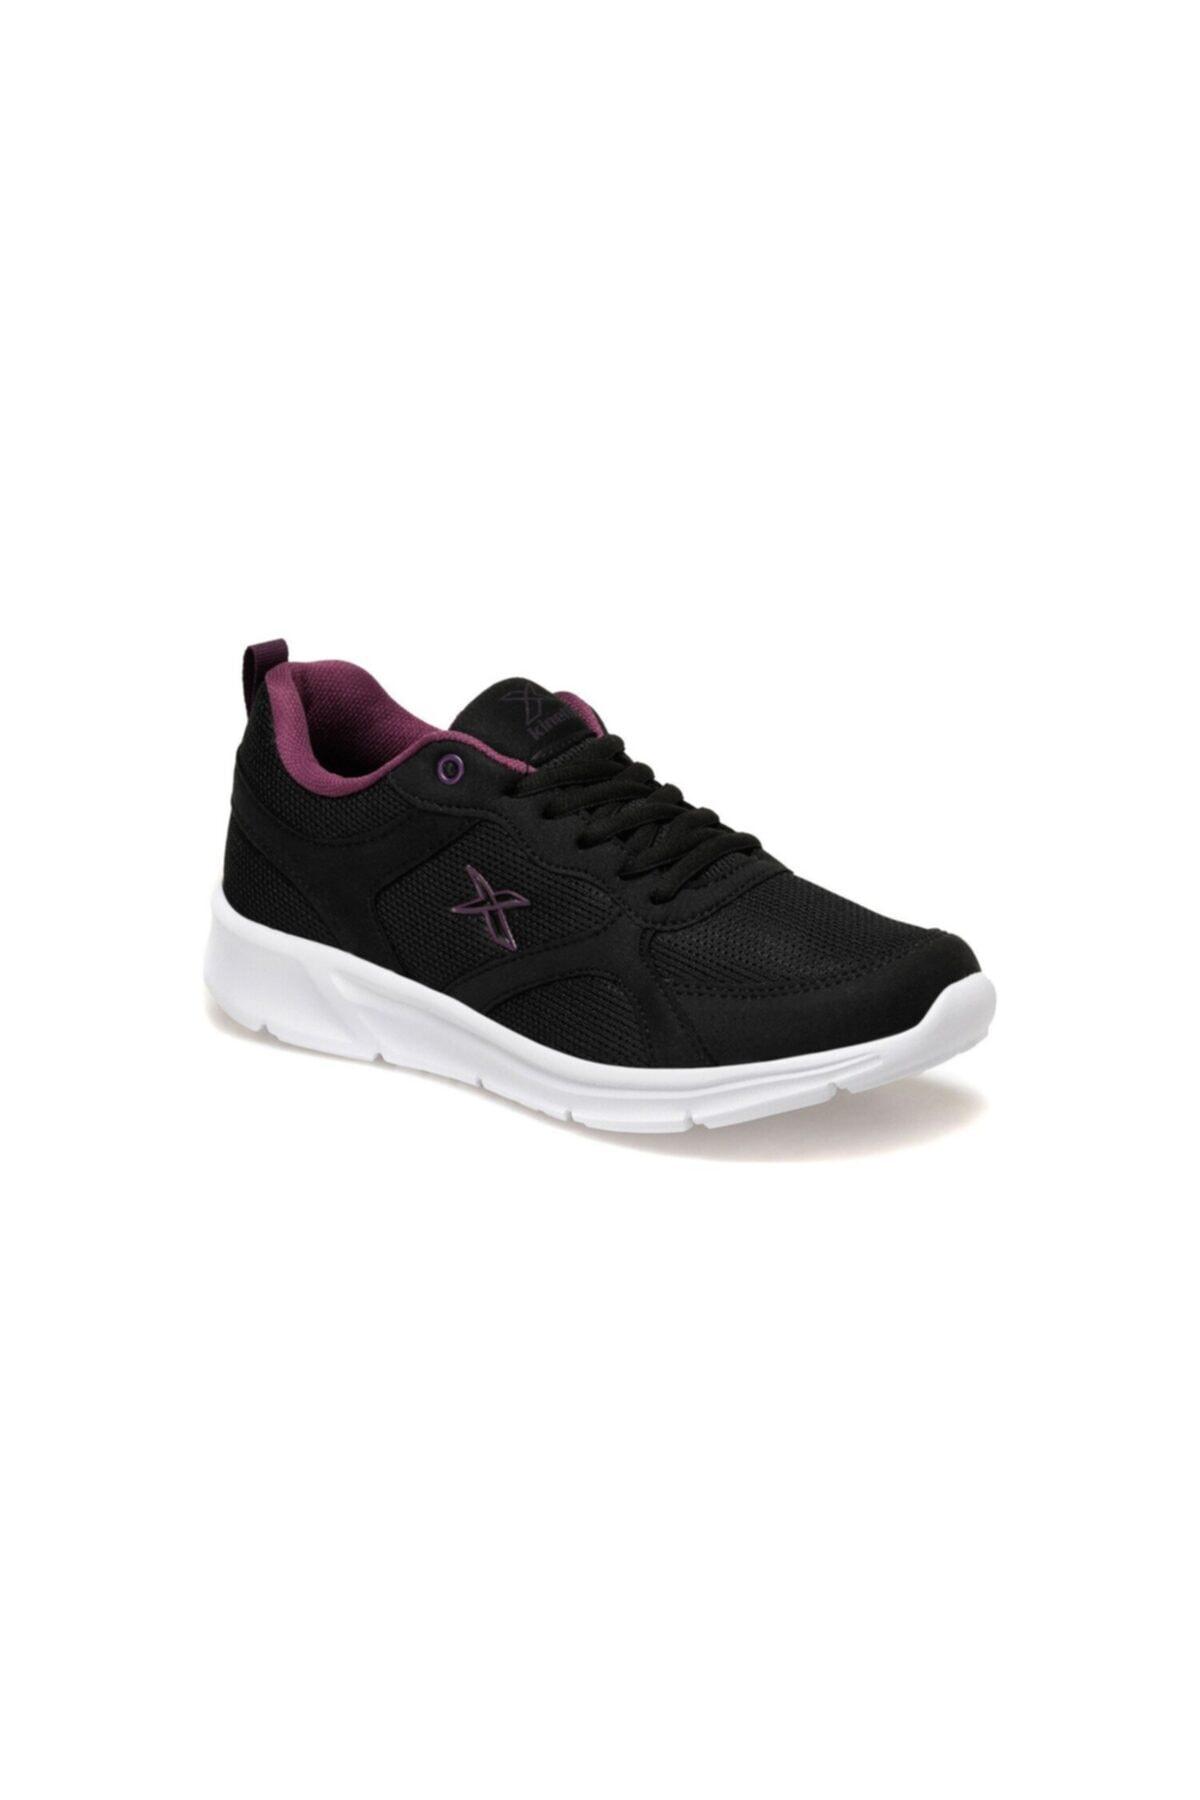 خرید اسان کفش مخصوص پیاده روی زنانه اسپرت جدید برند کینتیکس kinetix رنگ مشکی کد ty75644450